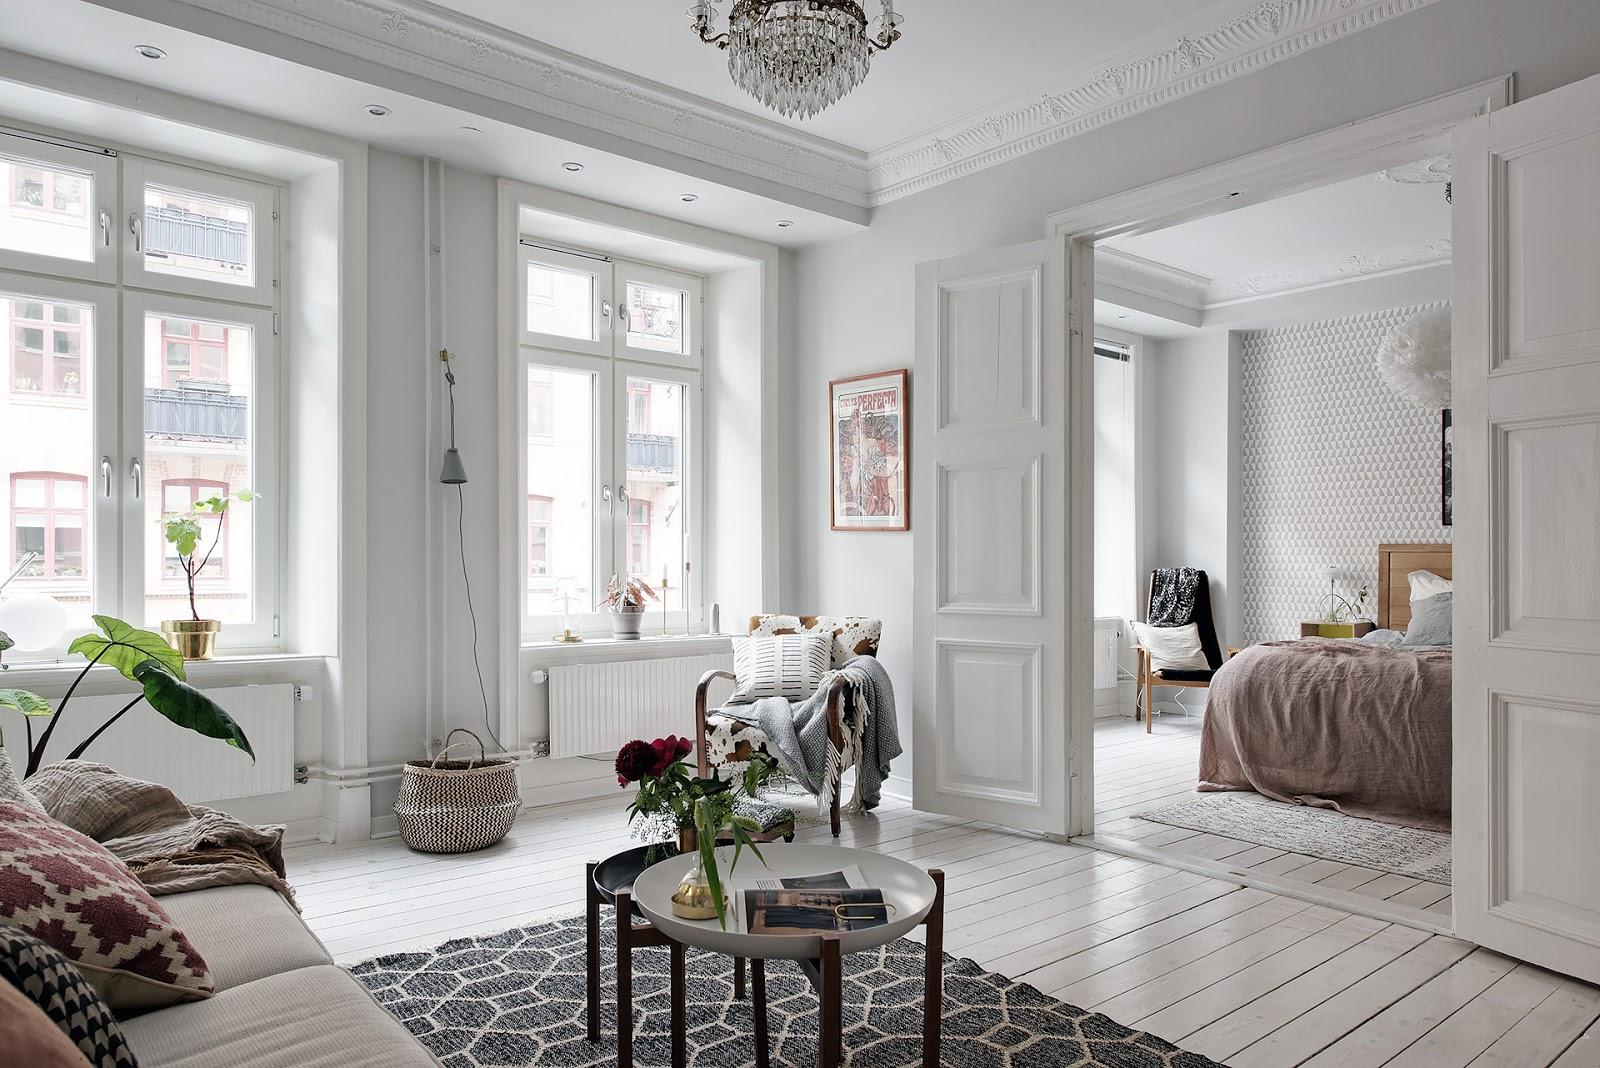 Soffitti Alti Illuminazione : Cucina con soffitti alti cucina con soffitto basso foto design